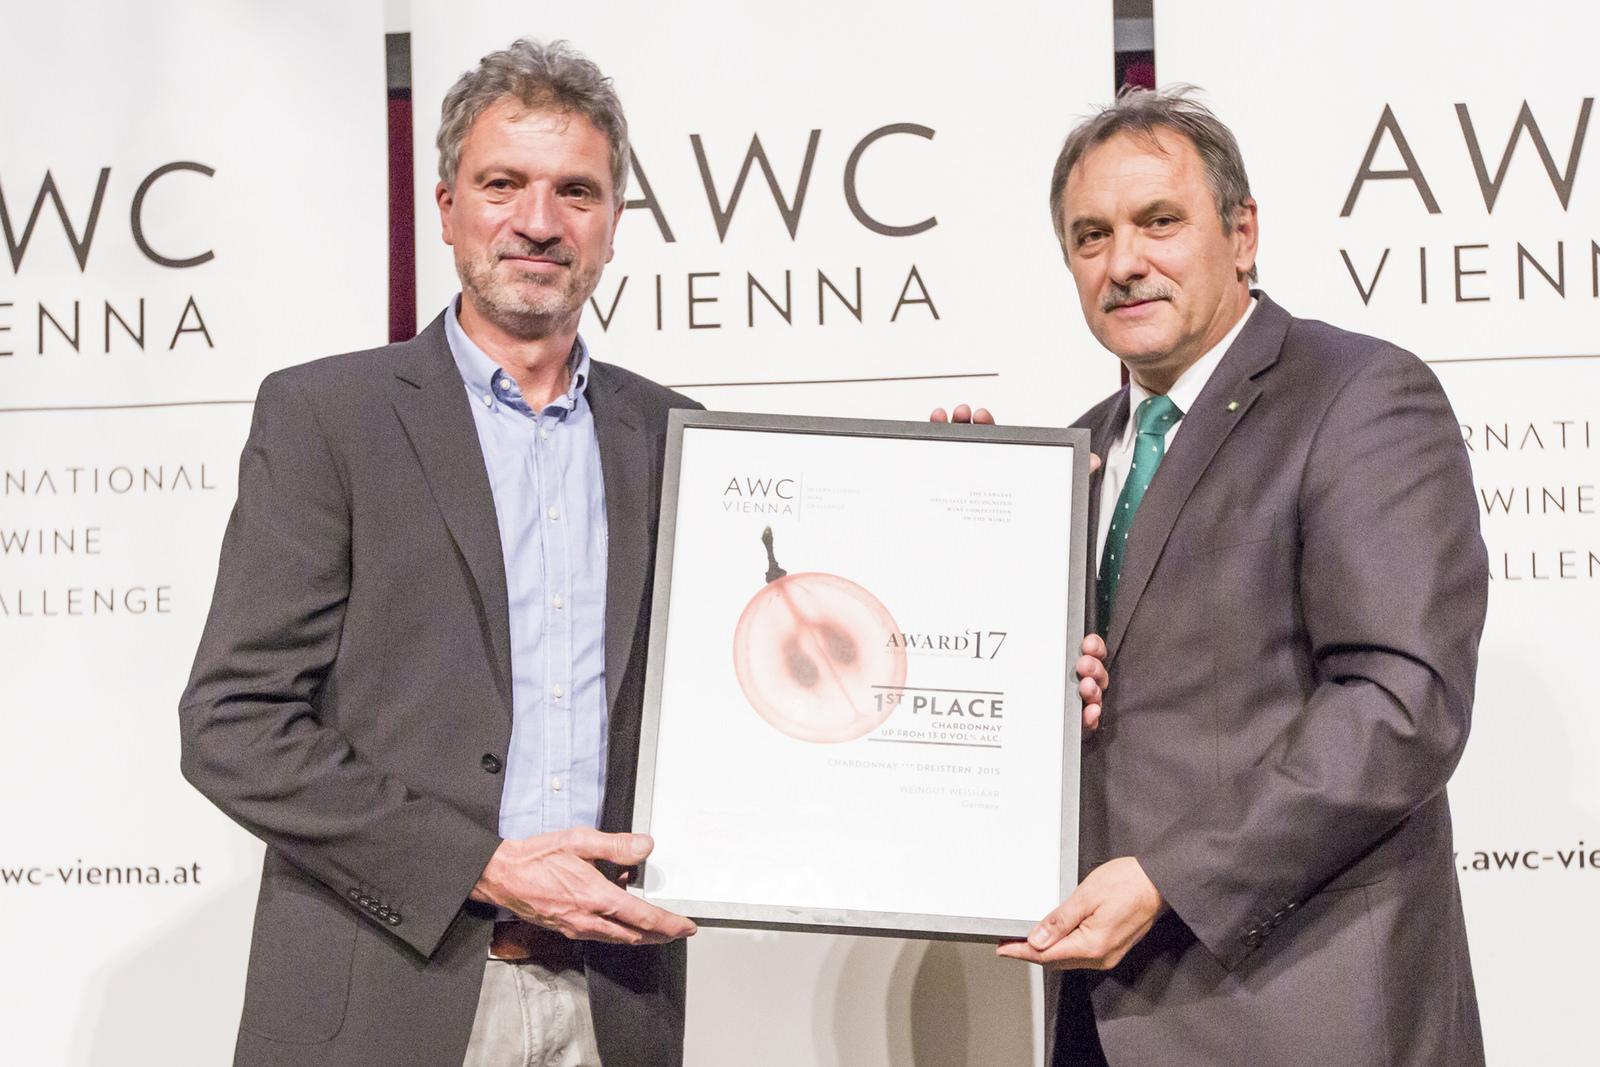 AWC VIENNA GALA NACHT DES WEINES 2017